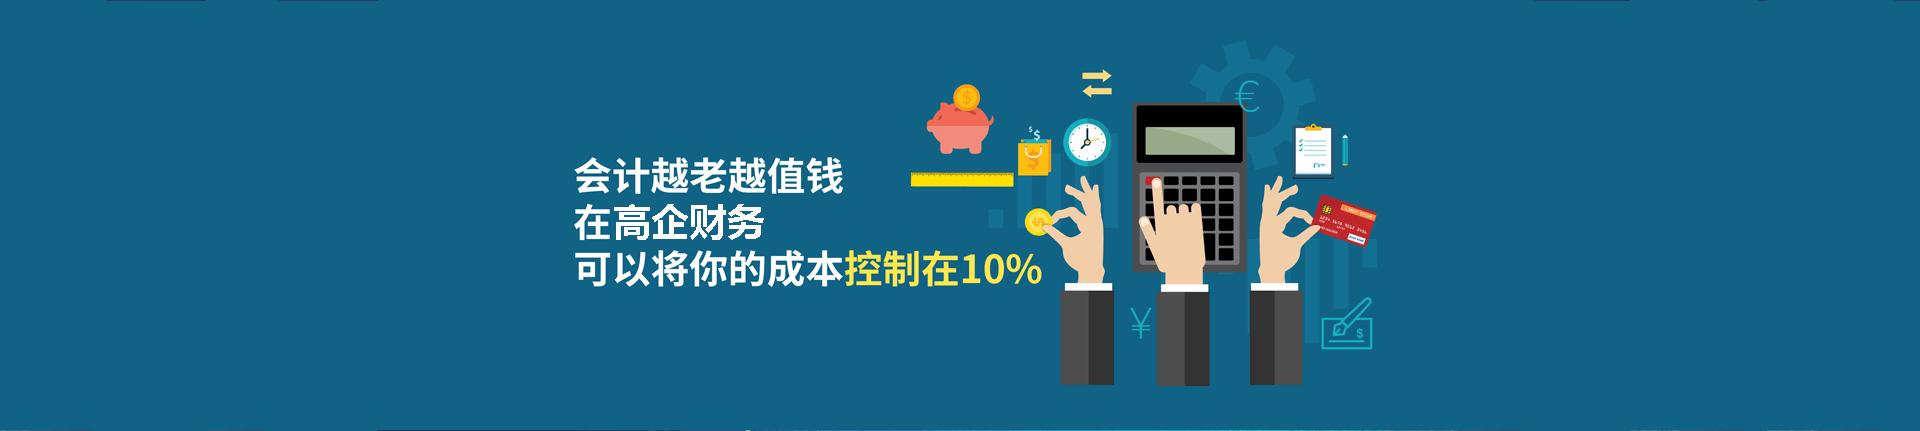 南京高企财务,您身边的税务,财务代理专家